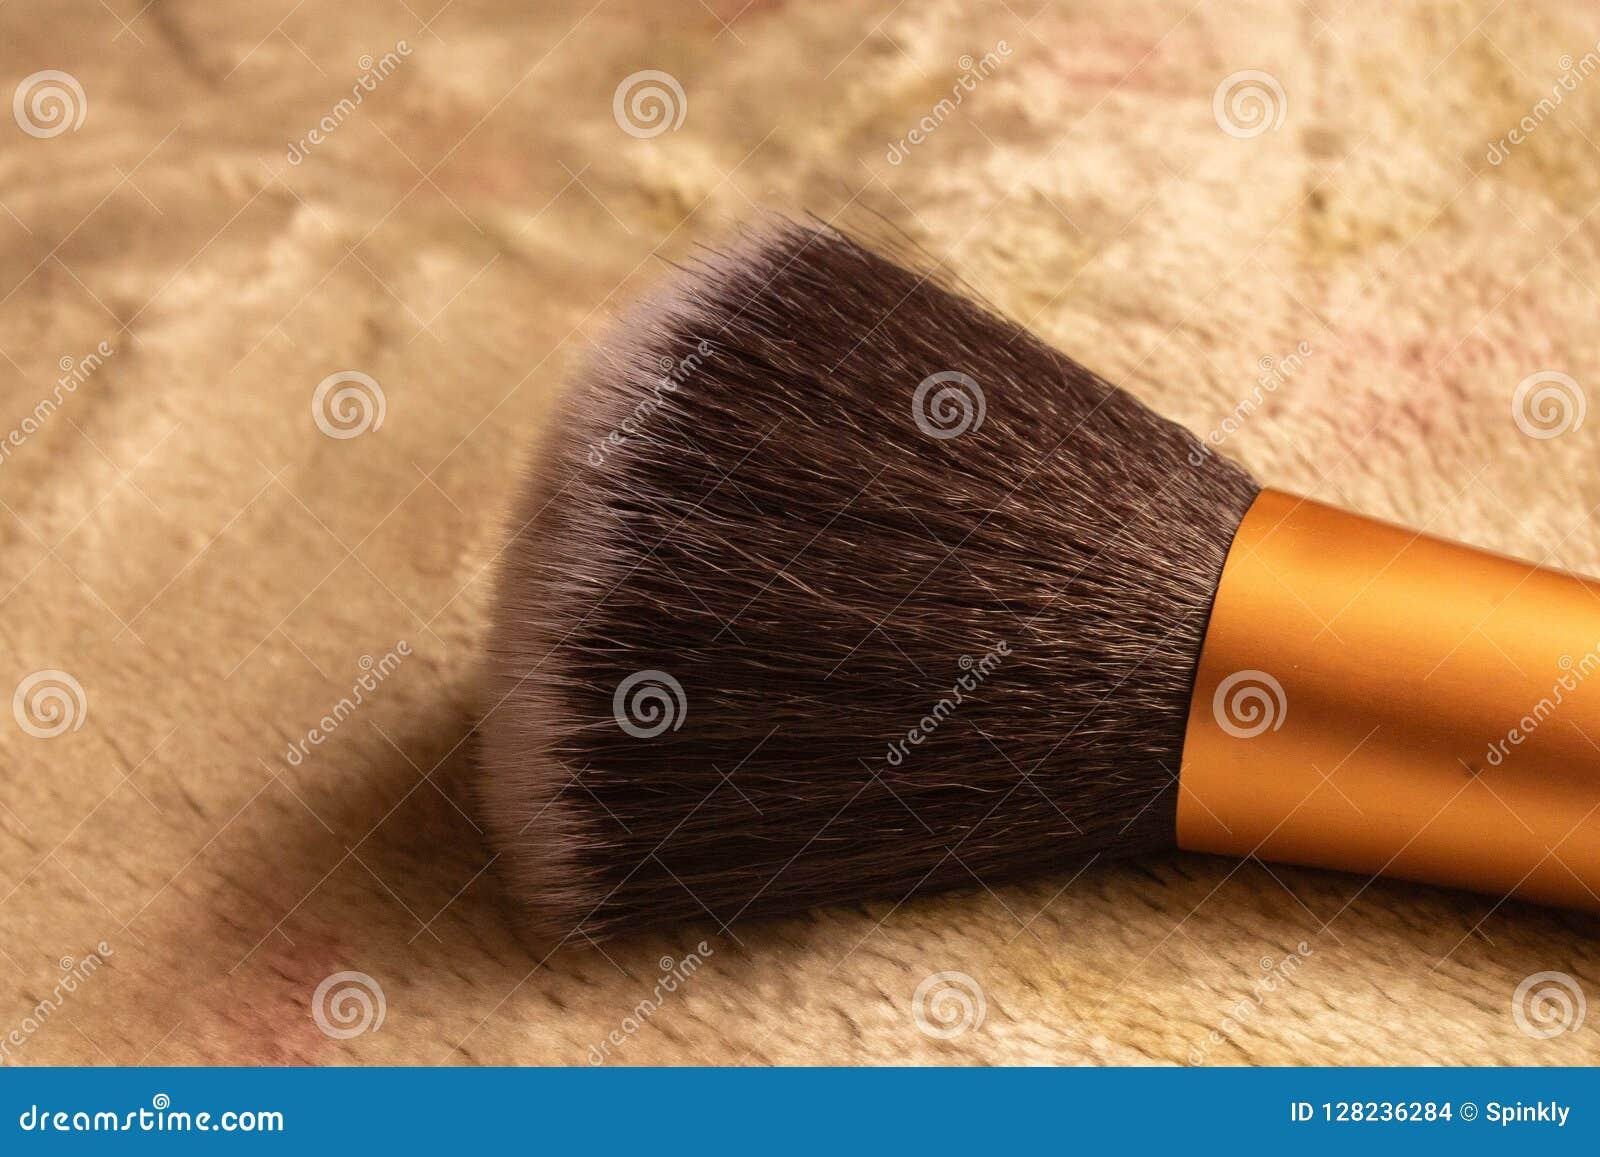 Sluit omhoog beeld van het varkenshaar van de make-upborstel